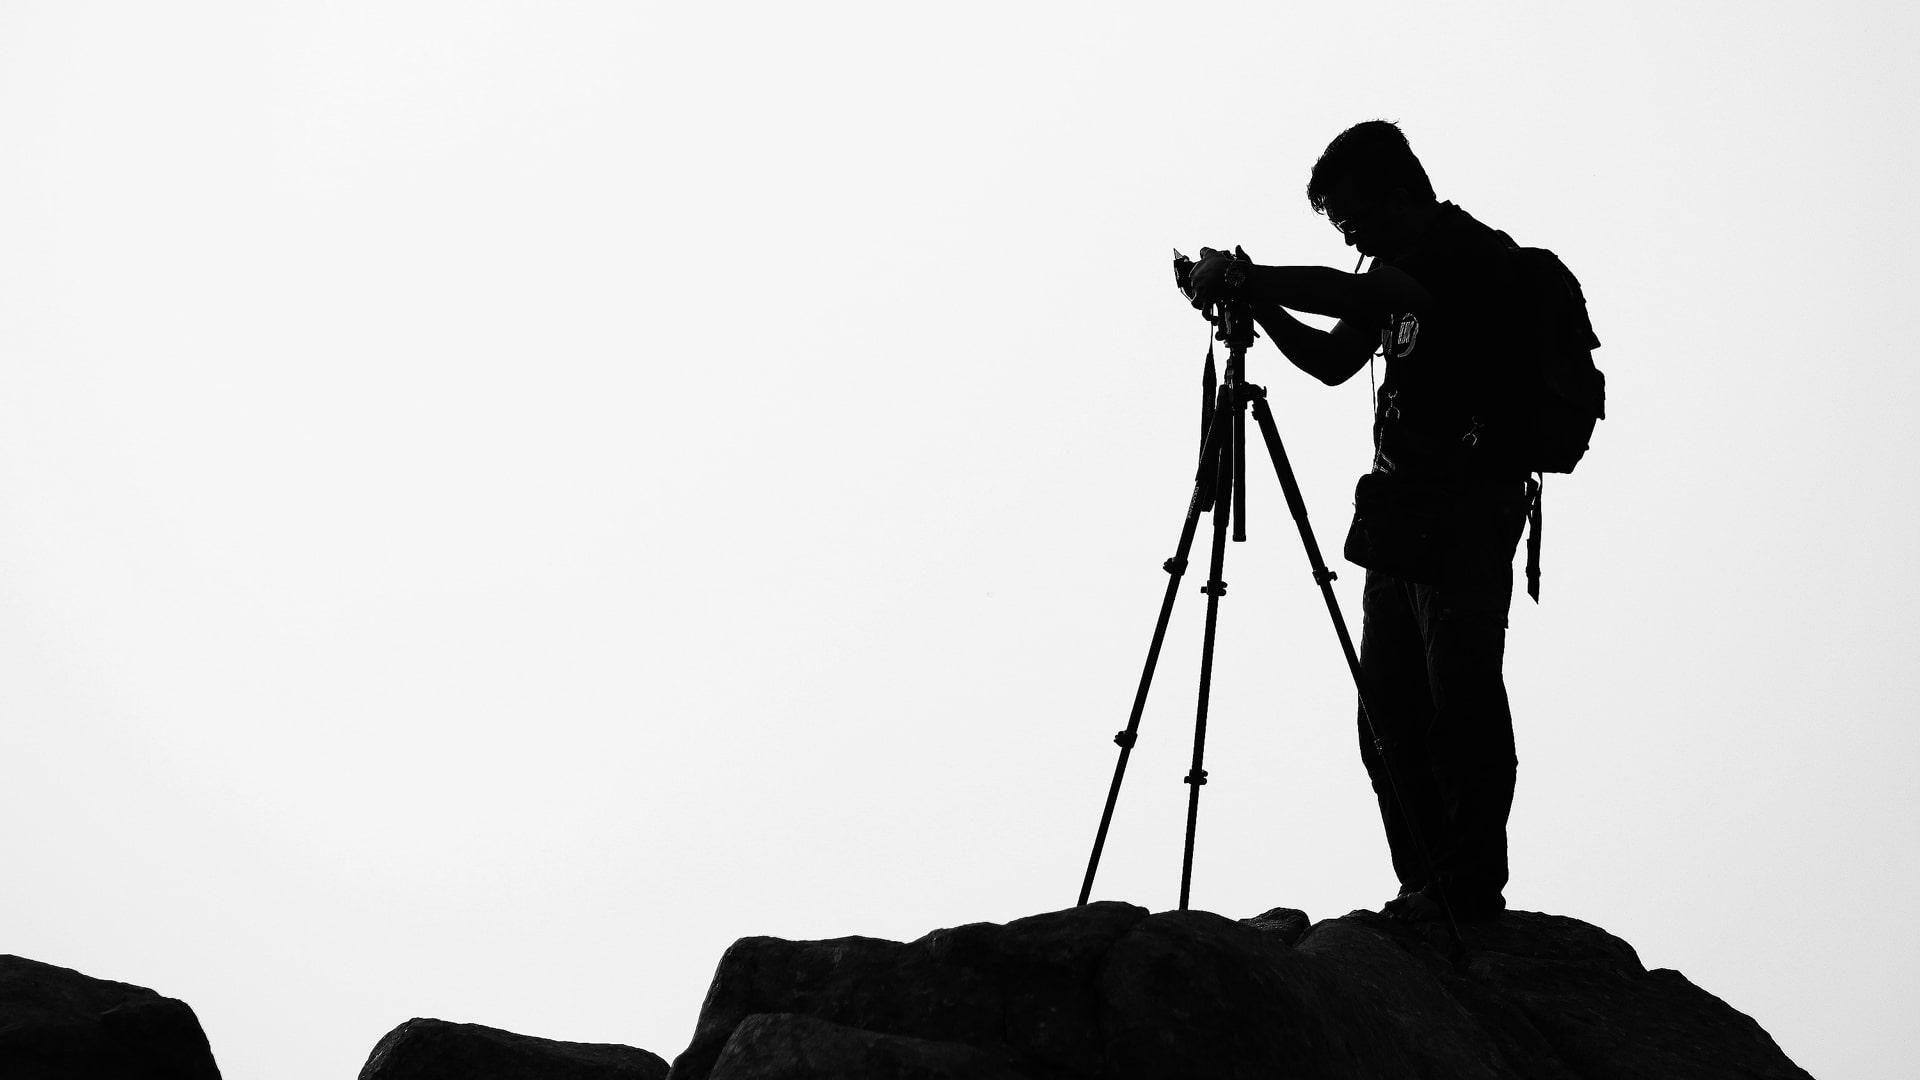 写真撮影・モデル撮影・動画制作・プロモーション、インタビュー動画・アニメーション制作|THE SPIDERS|web design, homepage design in Brooklyn, New York|ニューヨーク、ブルックリンのホームページ制作、名刺、イラスト、インテリアデザイン、デザインなら何でもお任せ下さい。